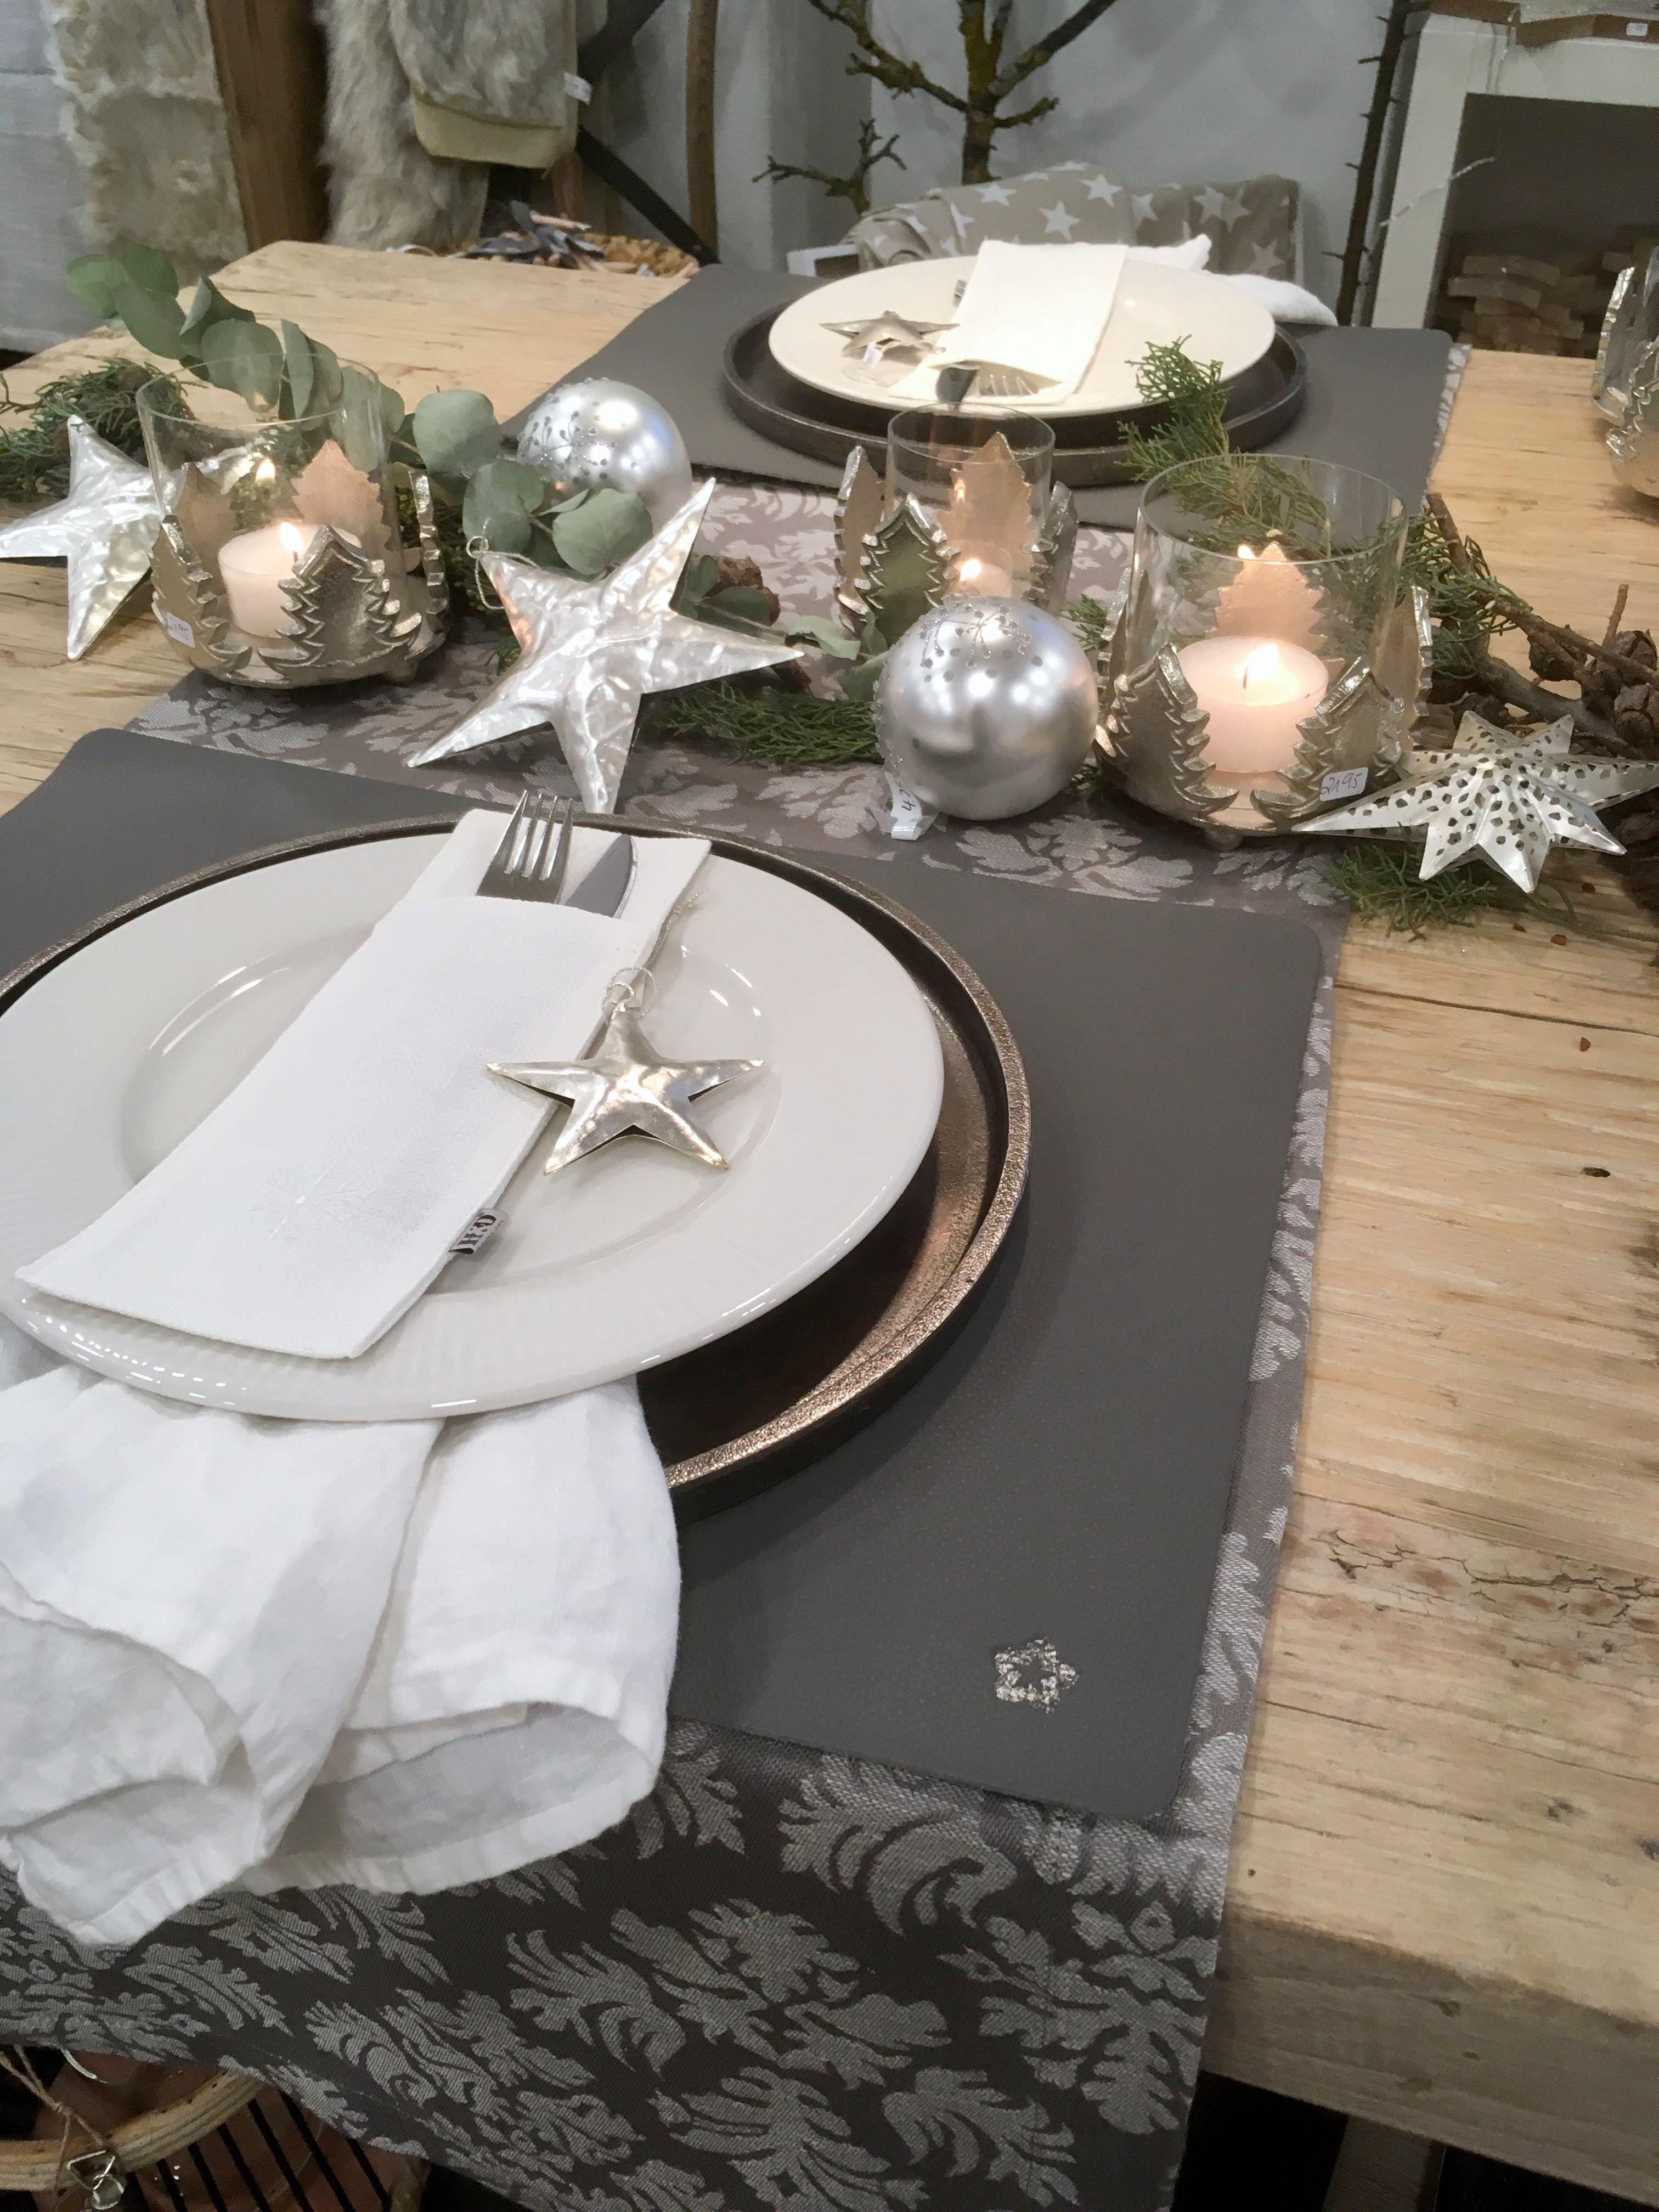 Edle Tischdeko In Silber Grau Tischdeko Tischdekoration Tischschmuck St Tischdeko Weihnachten Tischdekoration Weihnachten Schone Weihnachtsdekoration